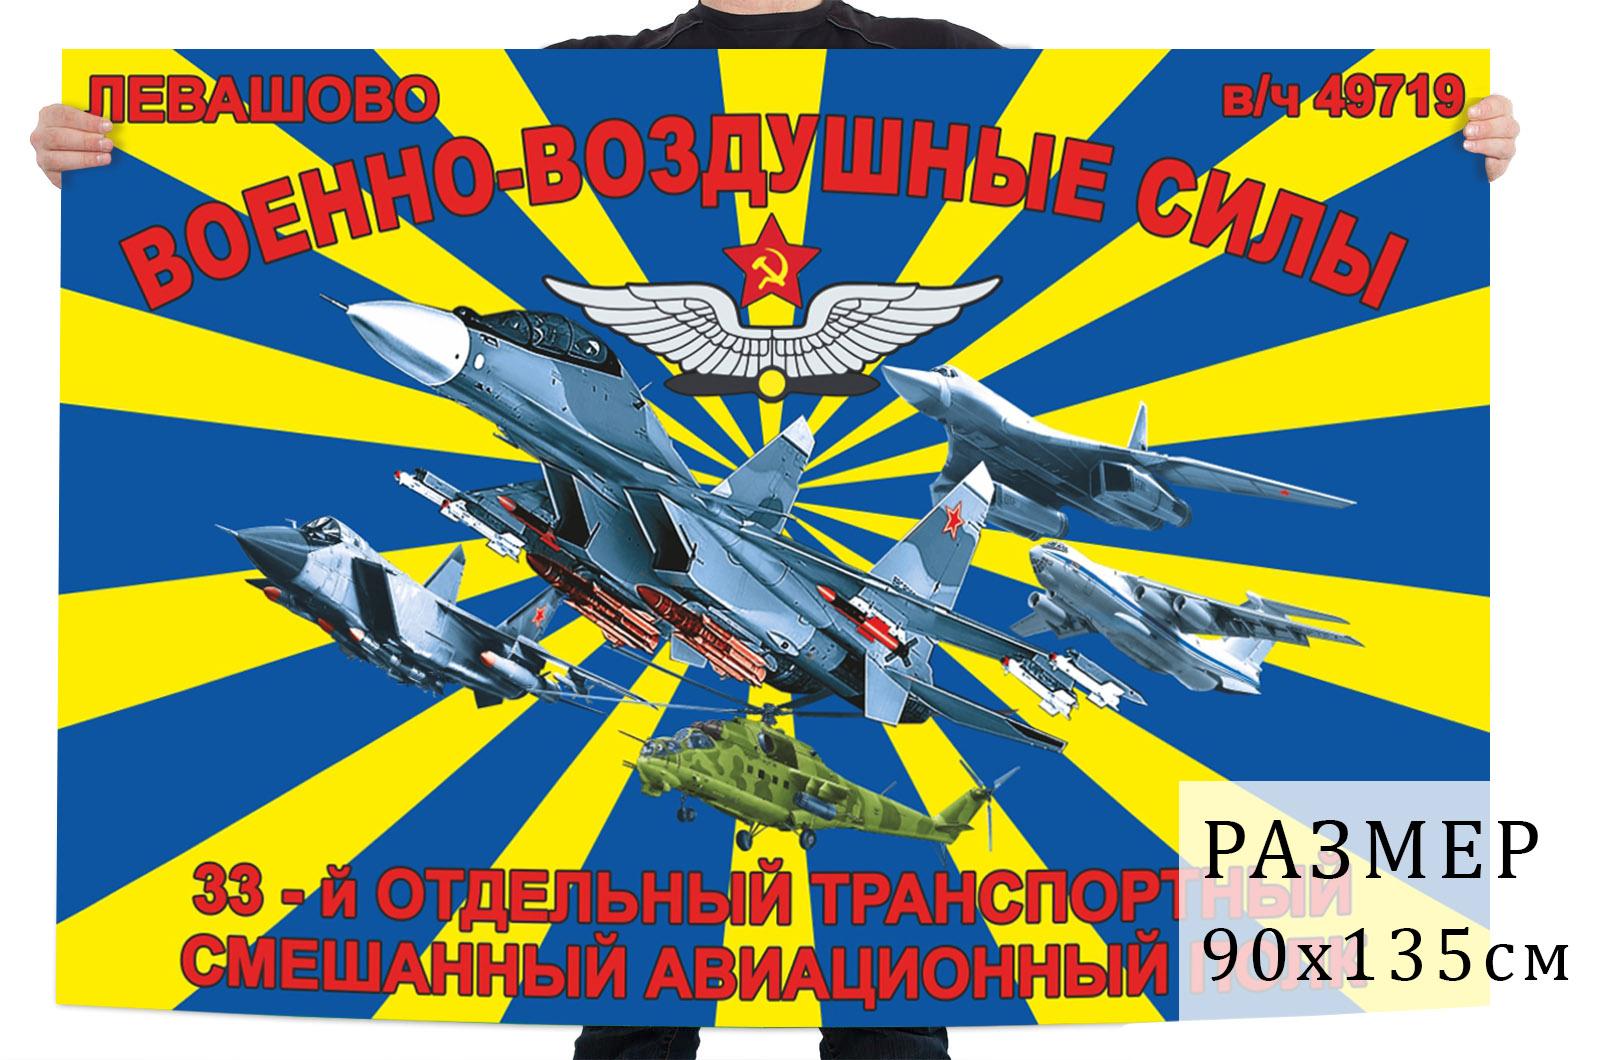 Недорогой флаг 33-го отдельного транспортного смешанного авиационного полка Левашово